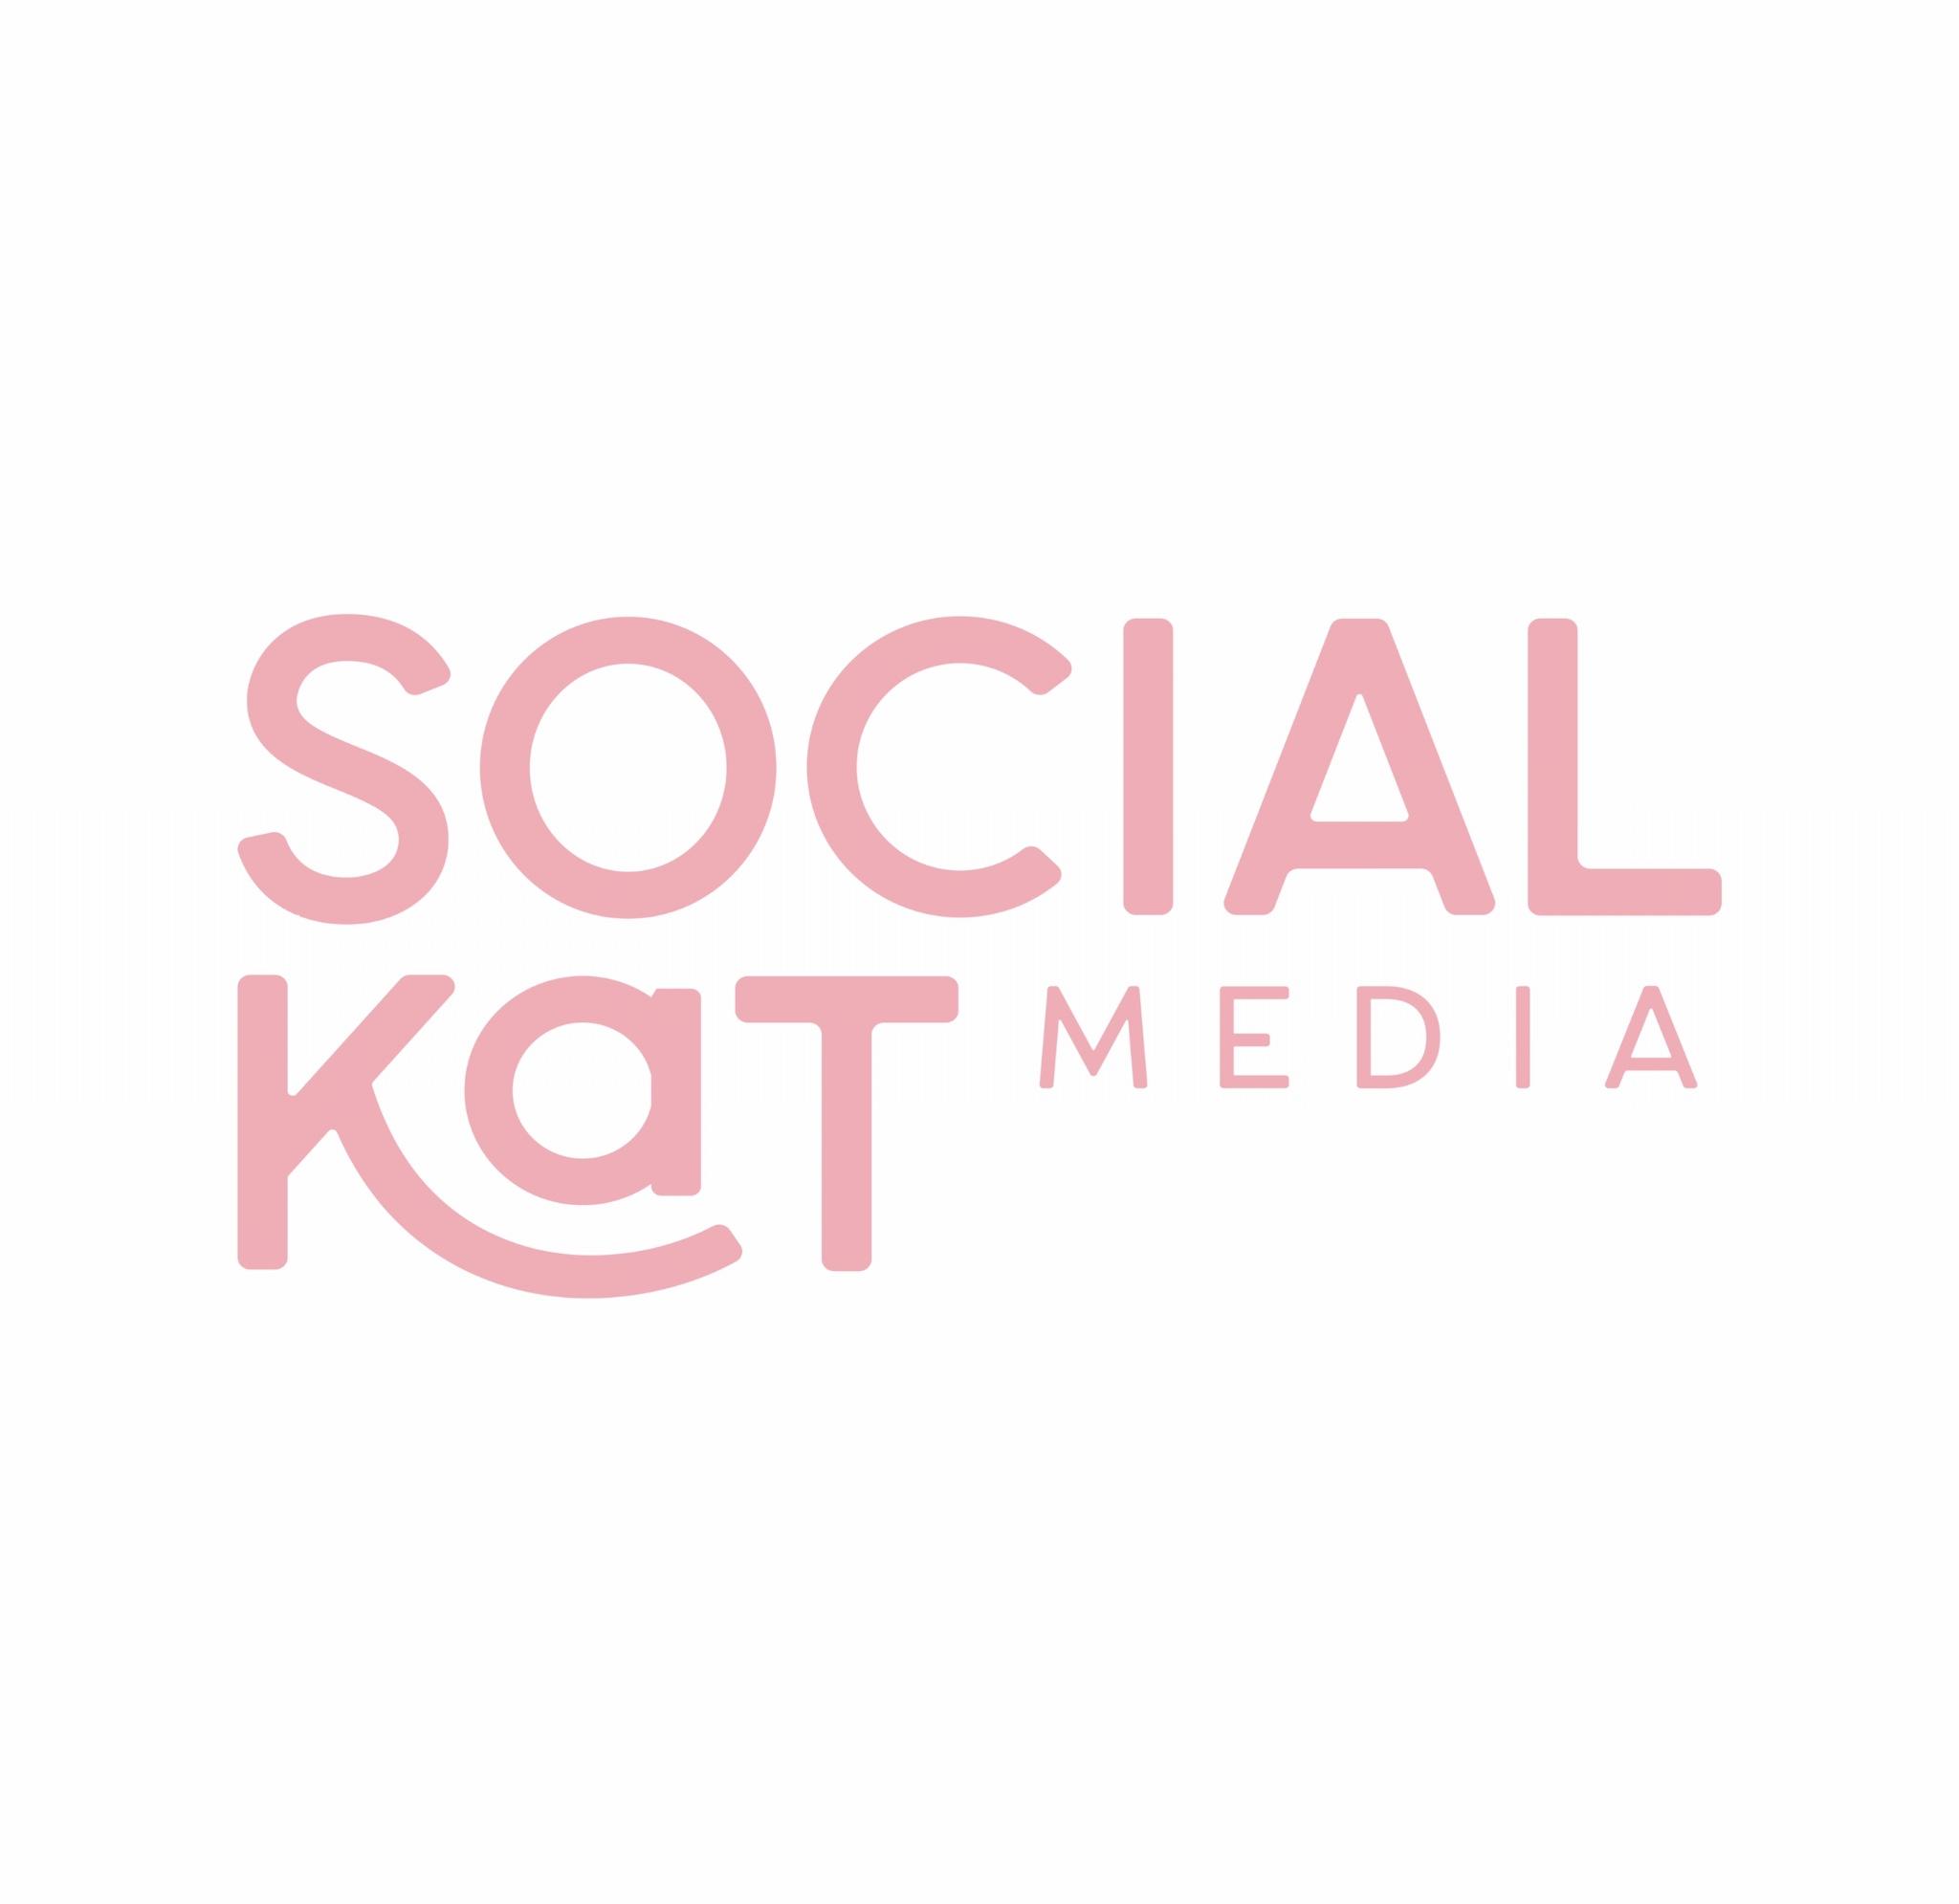 Social Kat Media